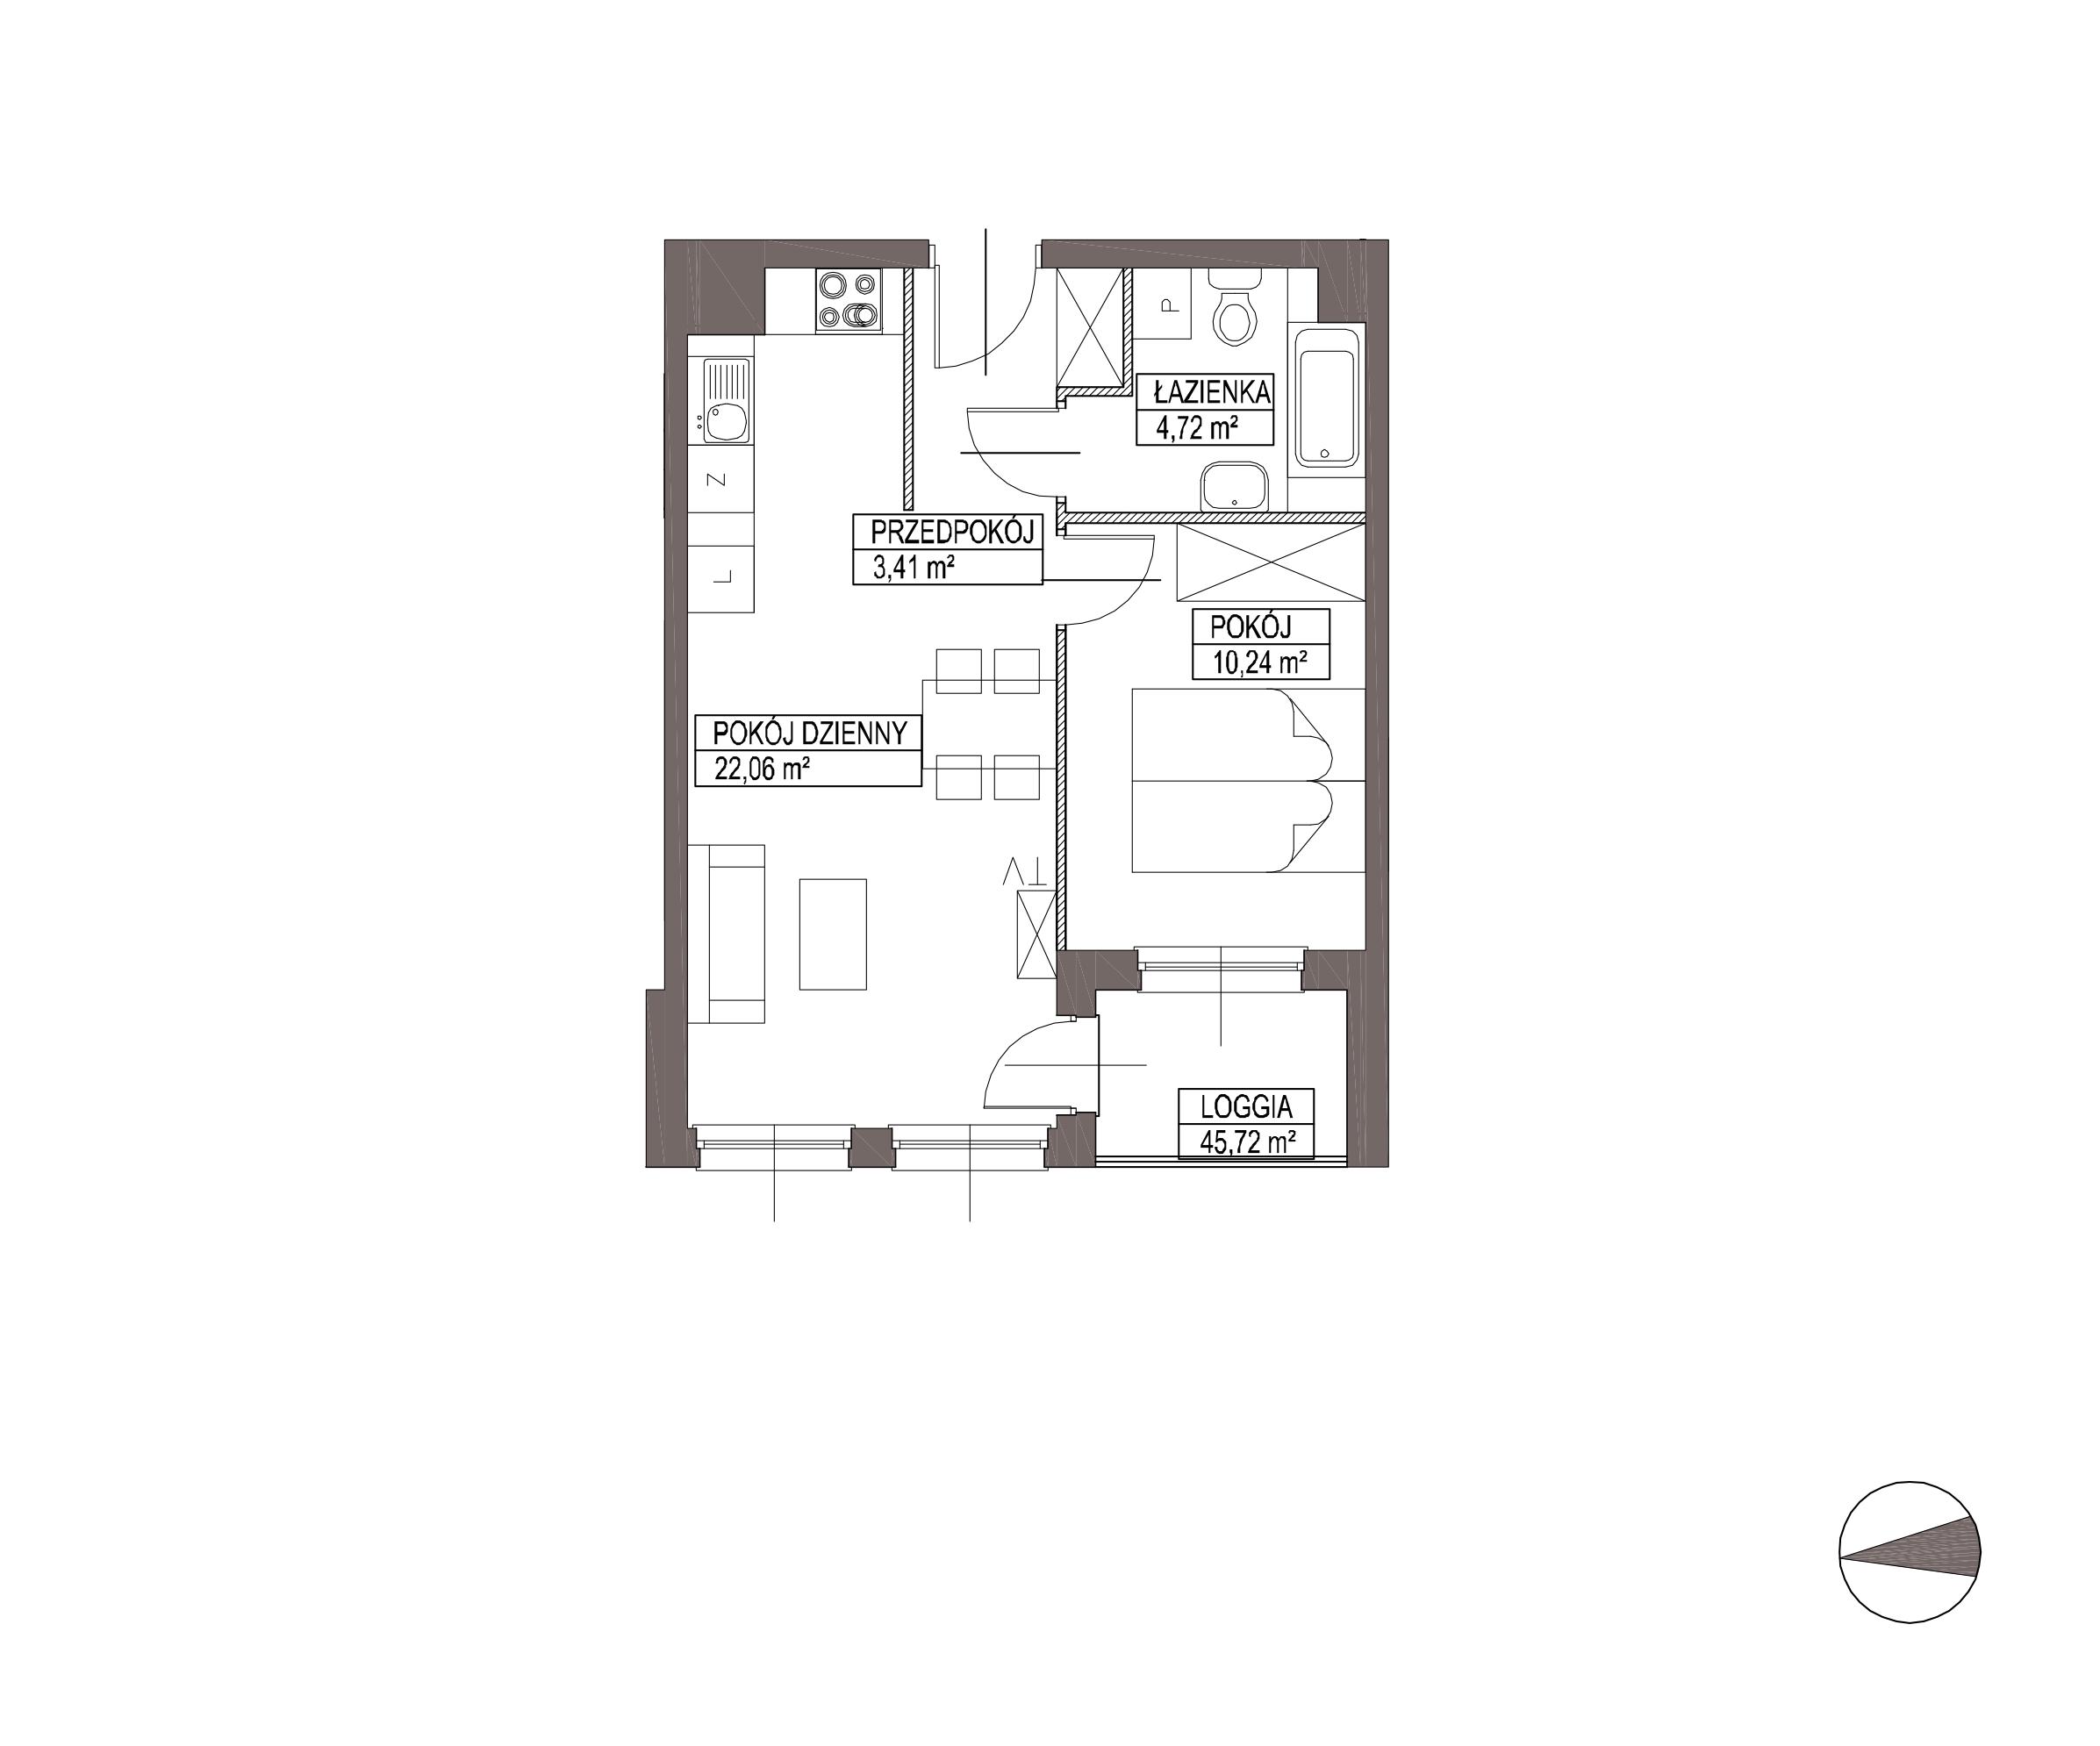 Kameralna Olszówka / budynek 1 / mieszkanie KO/A/2/8 rzut 1